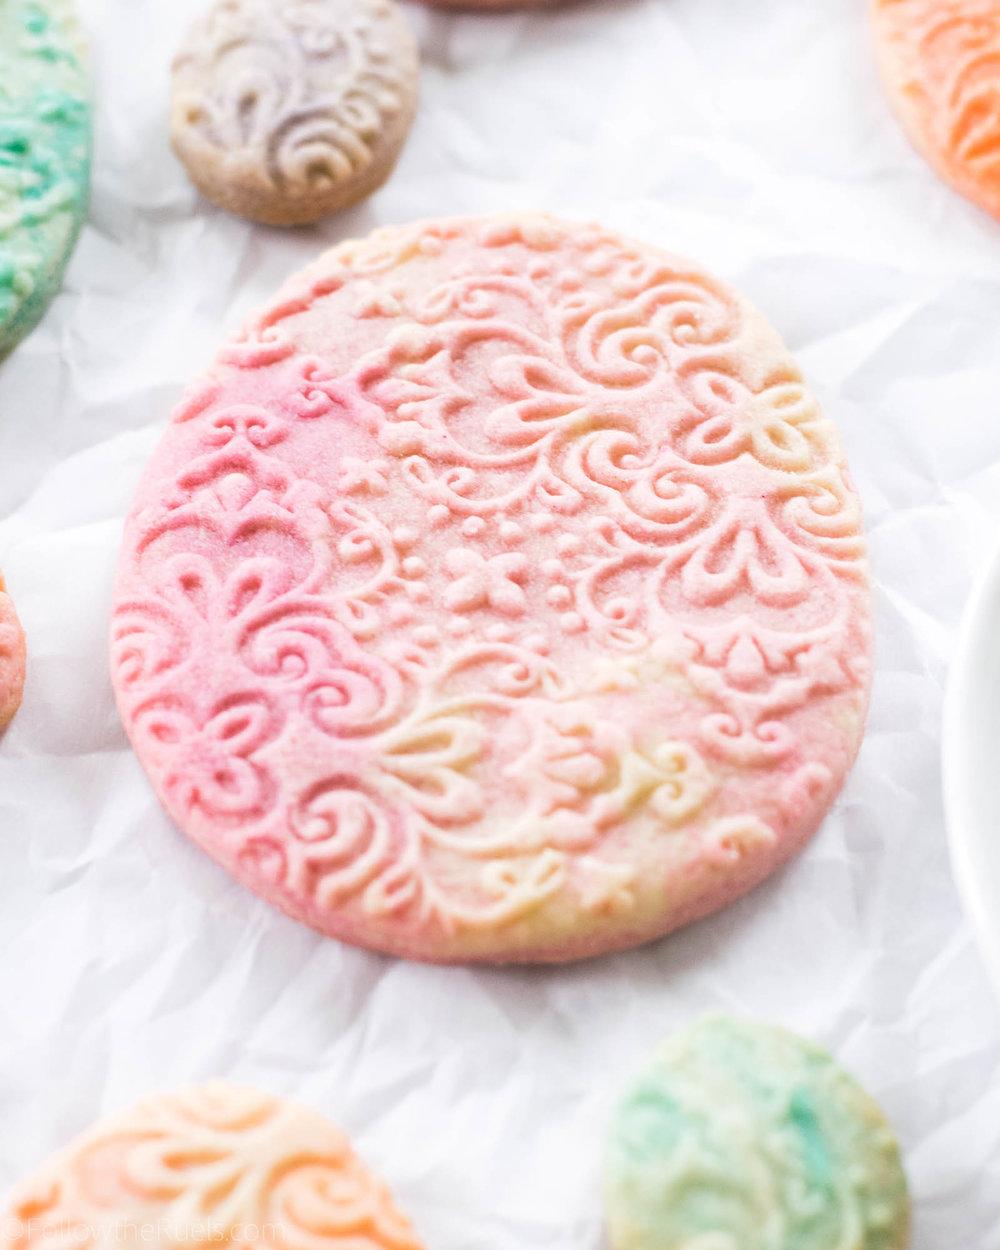 Embossed-Marble-Sugar-Cookies-9.jpg